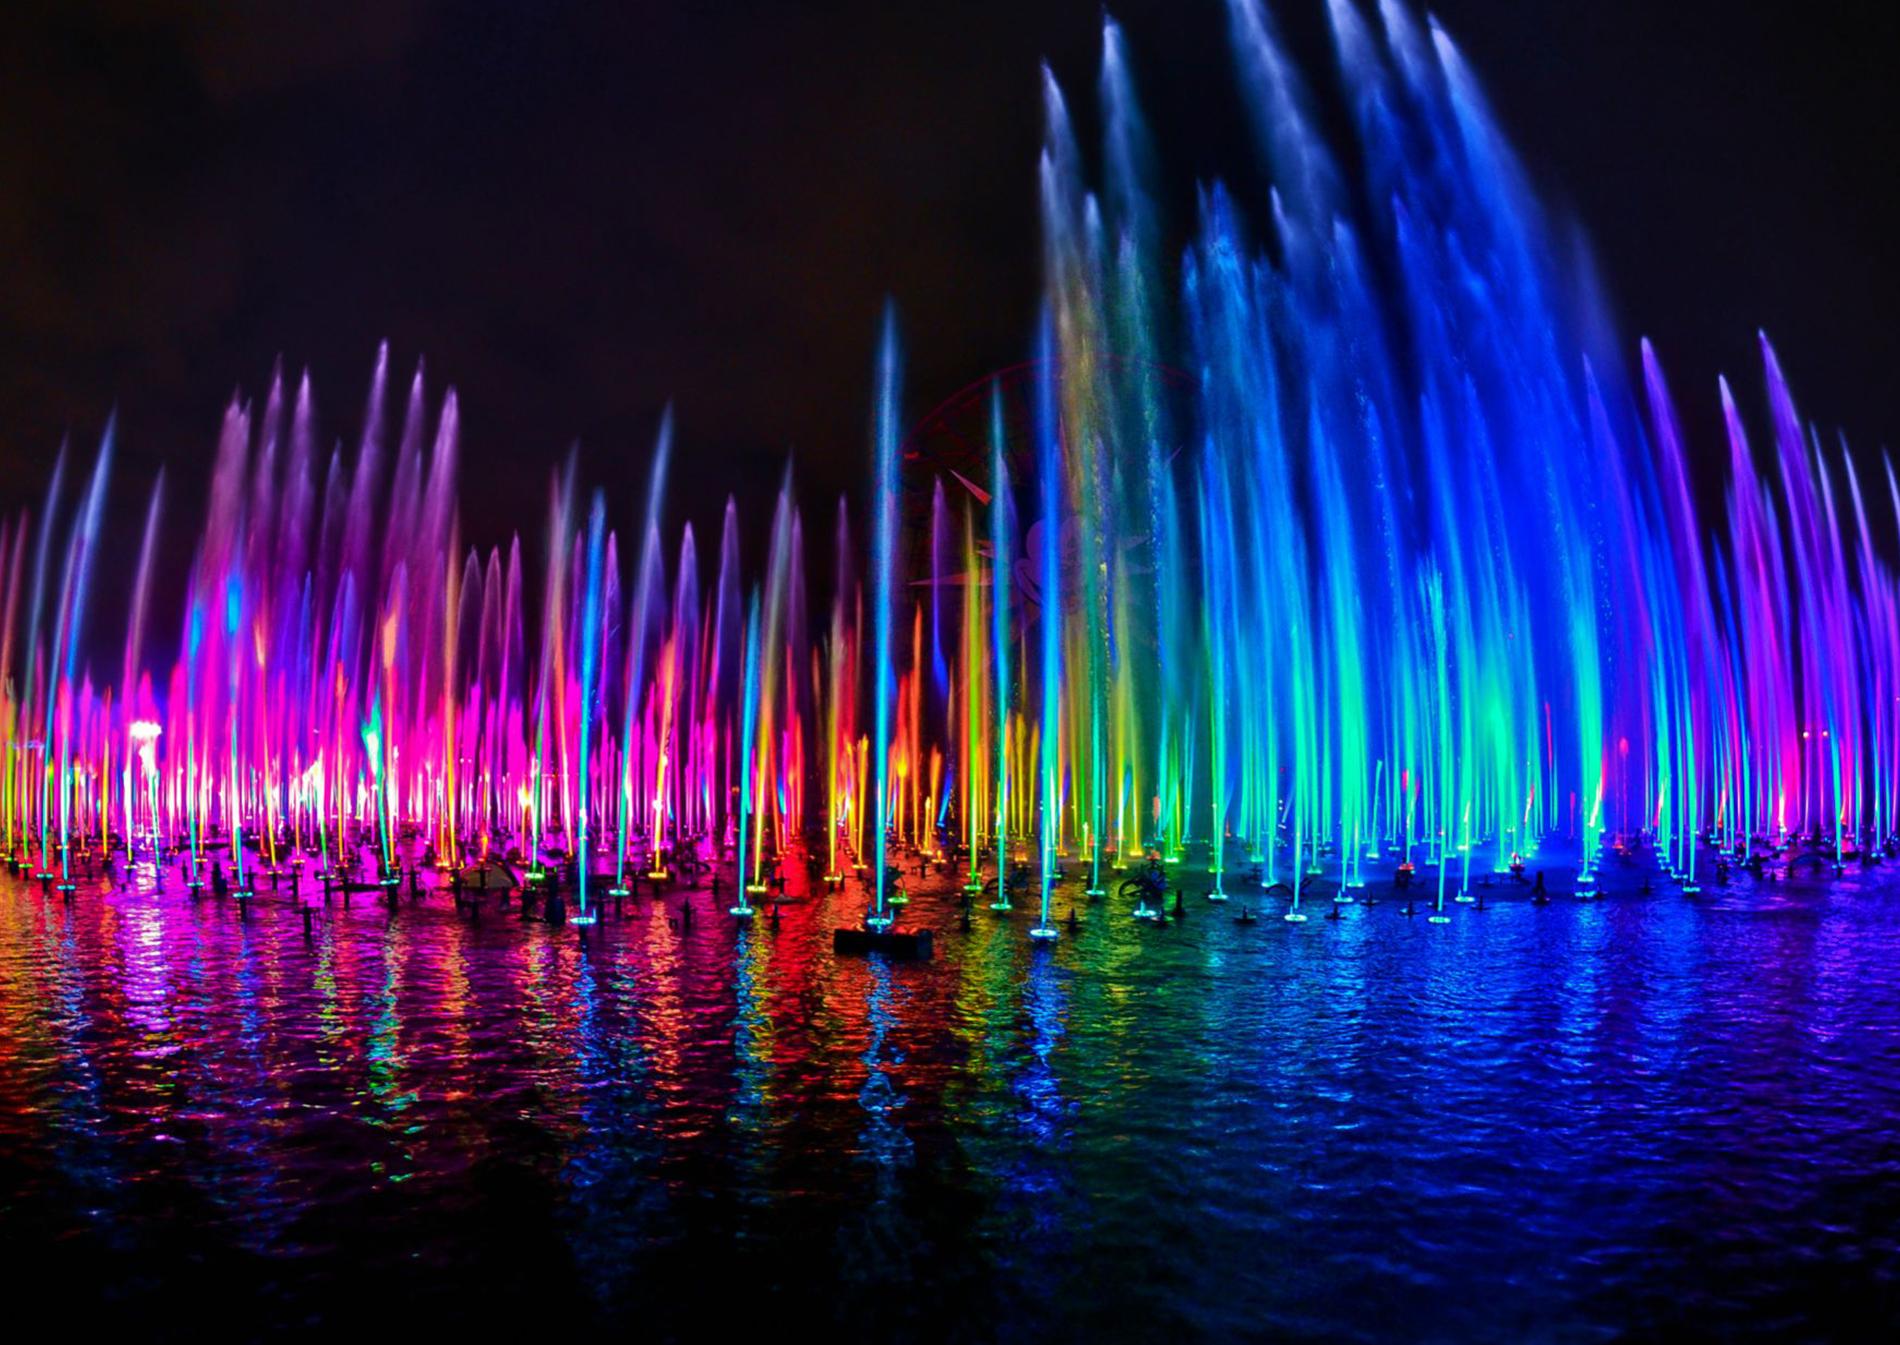 Fuentes de agua boquillas e ilimunaci n de fuentes fuentes bailarinas - World of color wallpaper ...